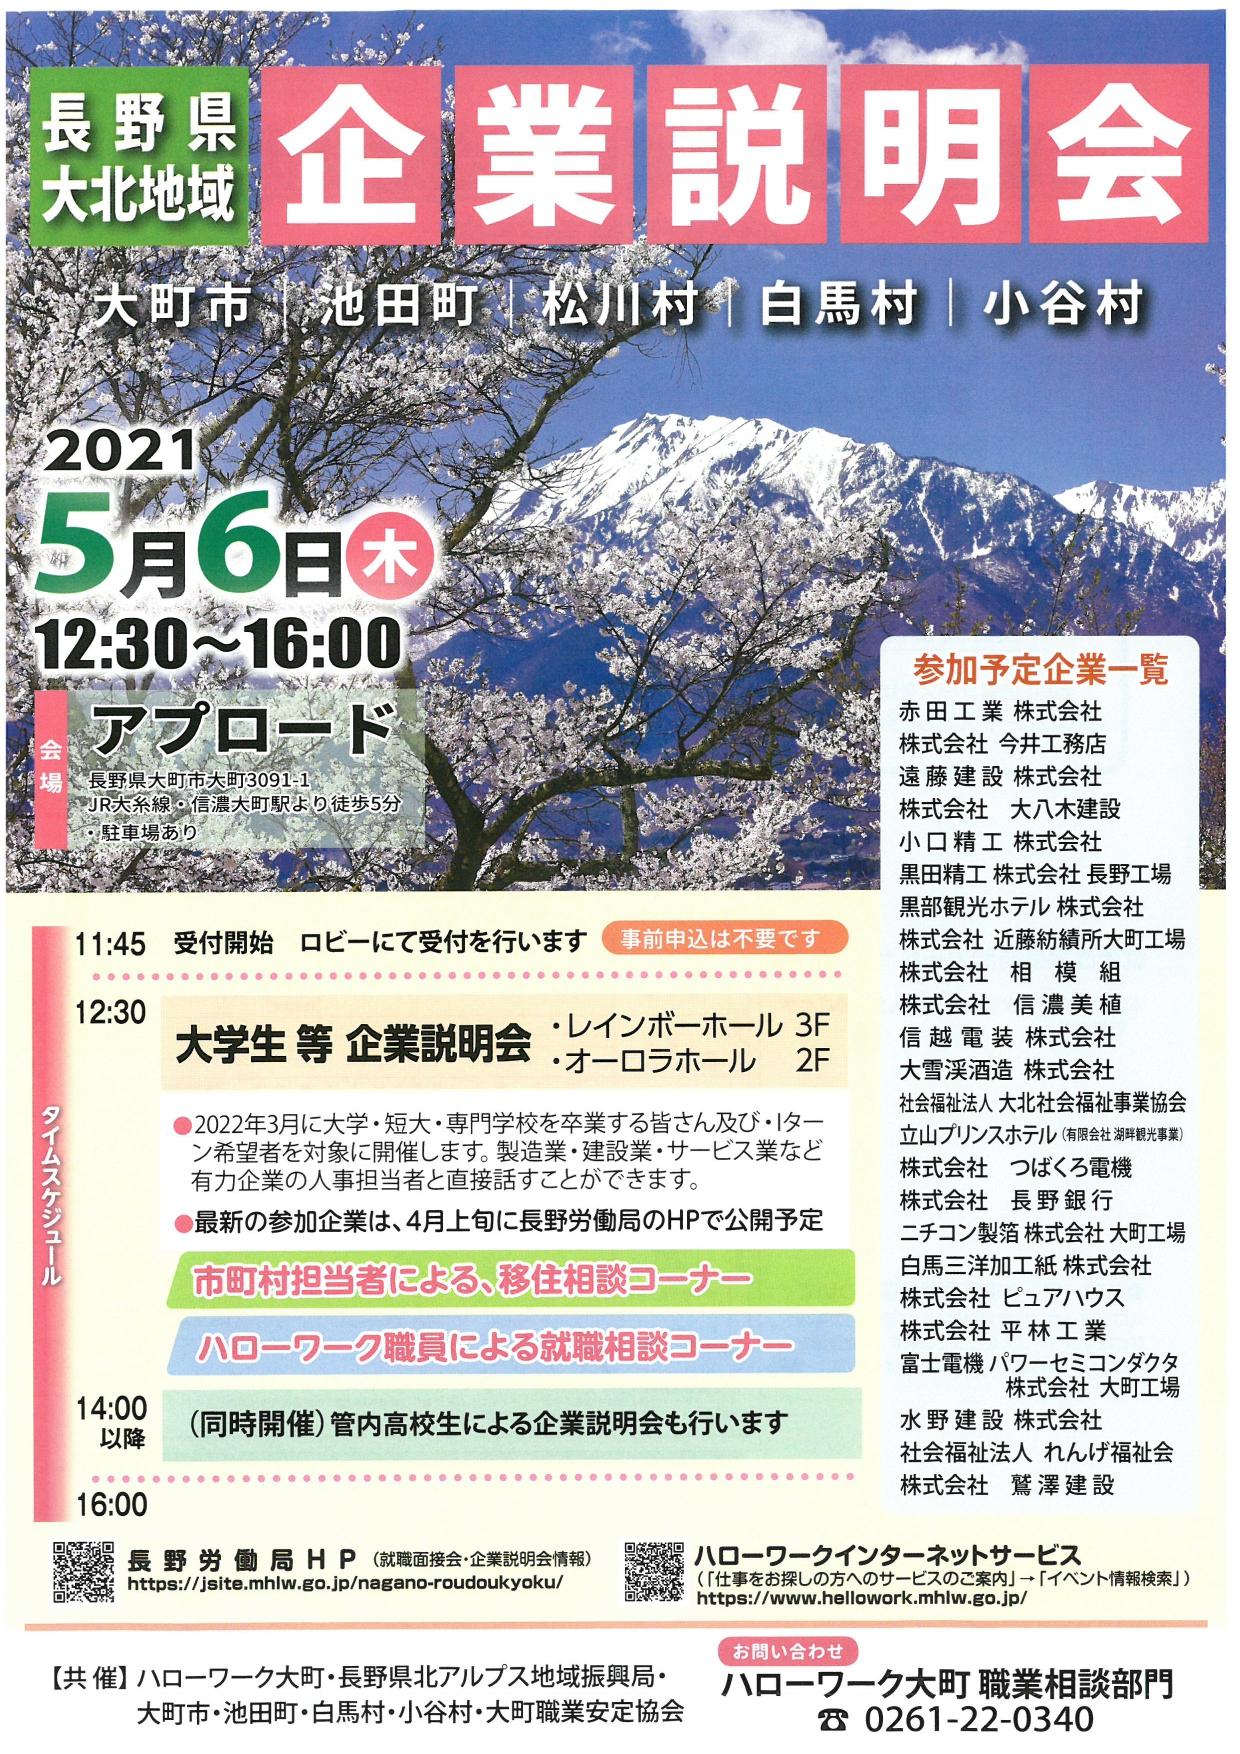 Kigyousetsumeikai20210506 oomachi page 0001